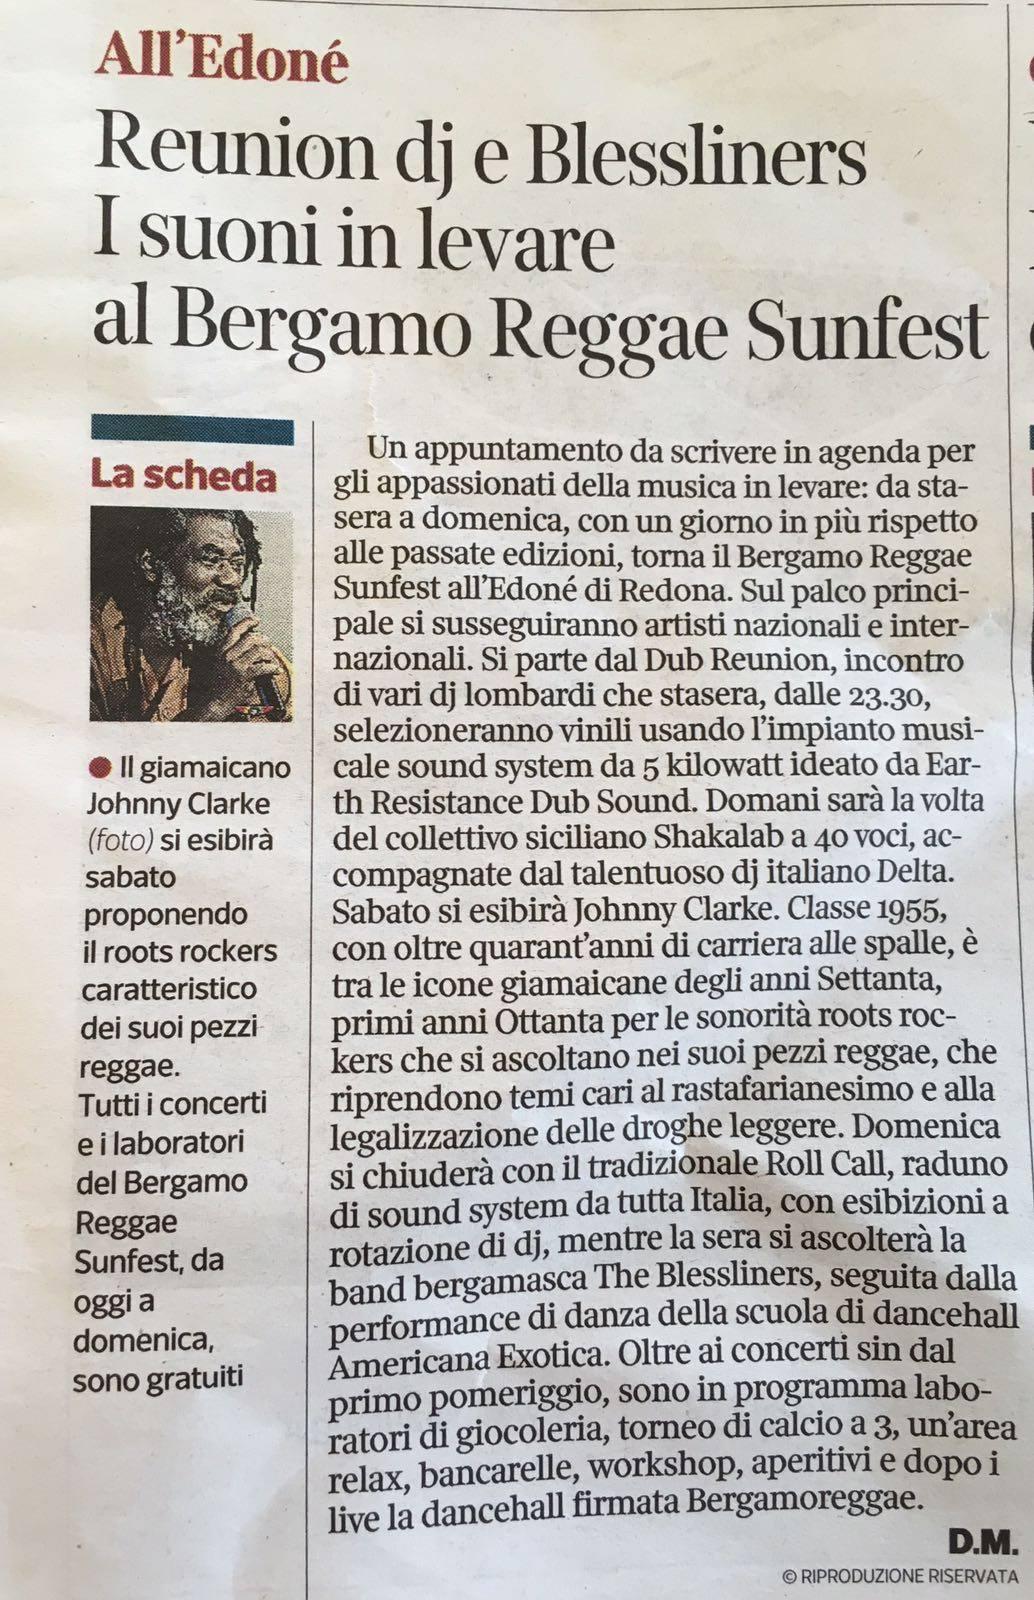 BergamoreggaeSunfest2016